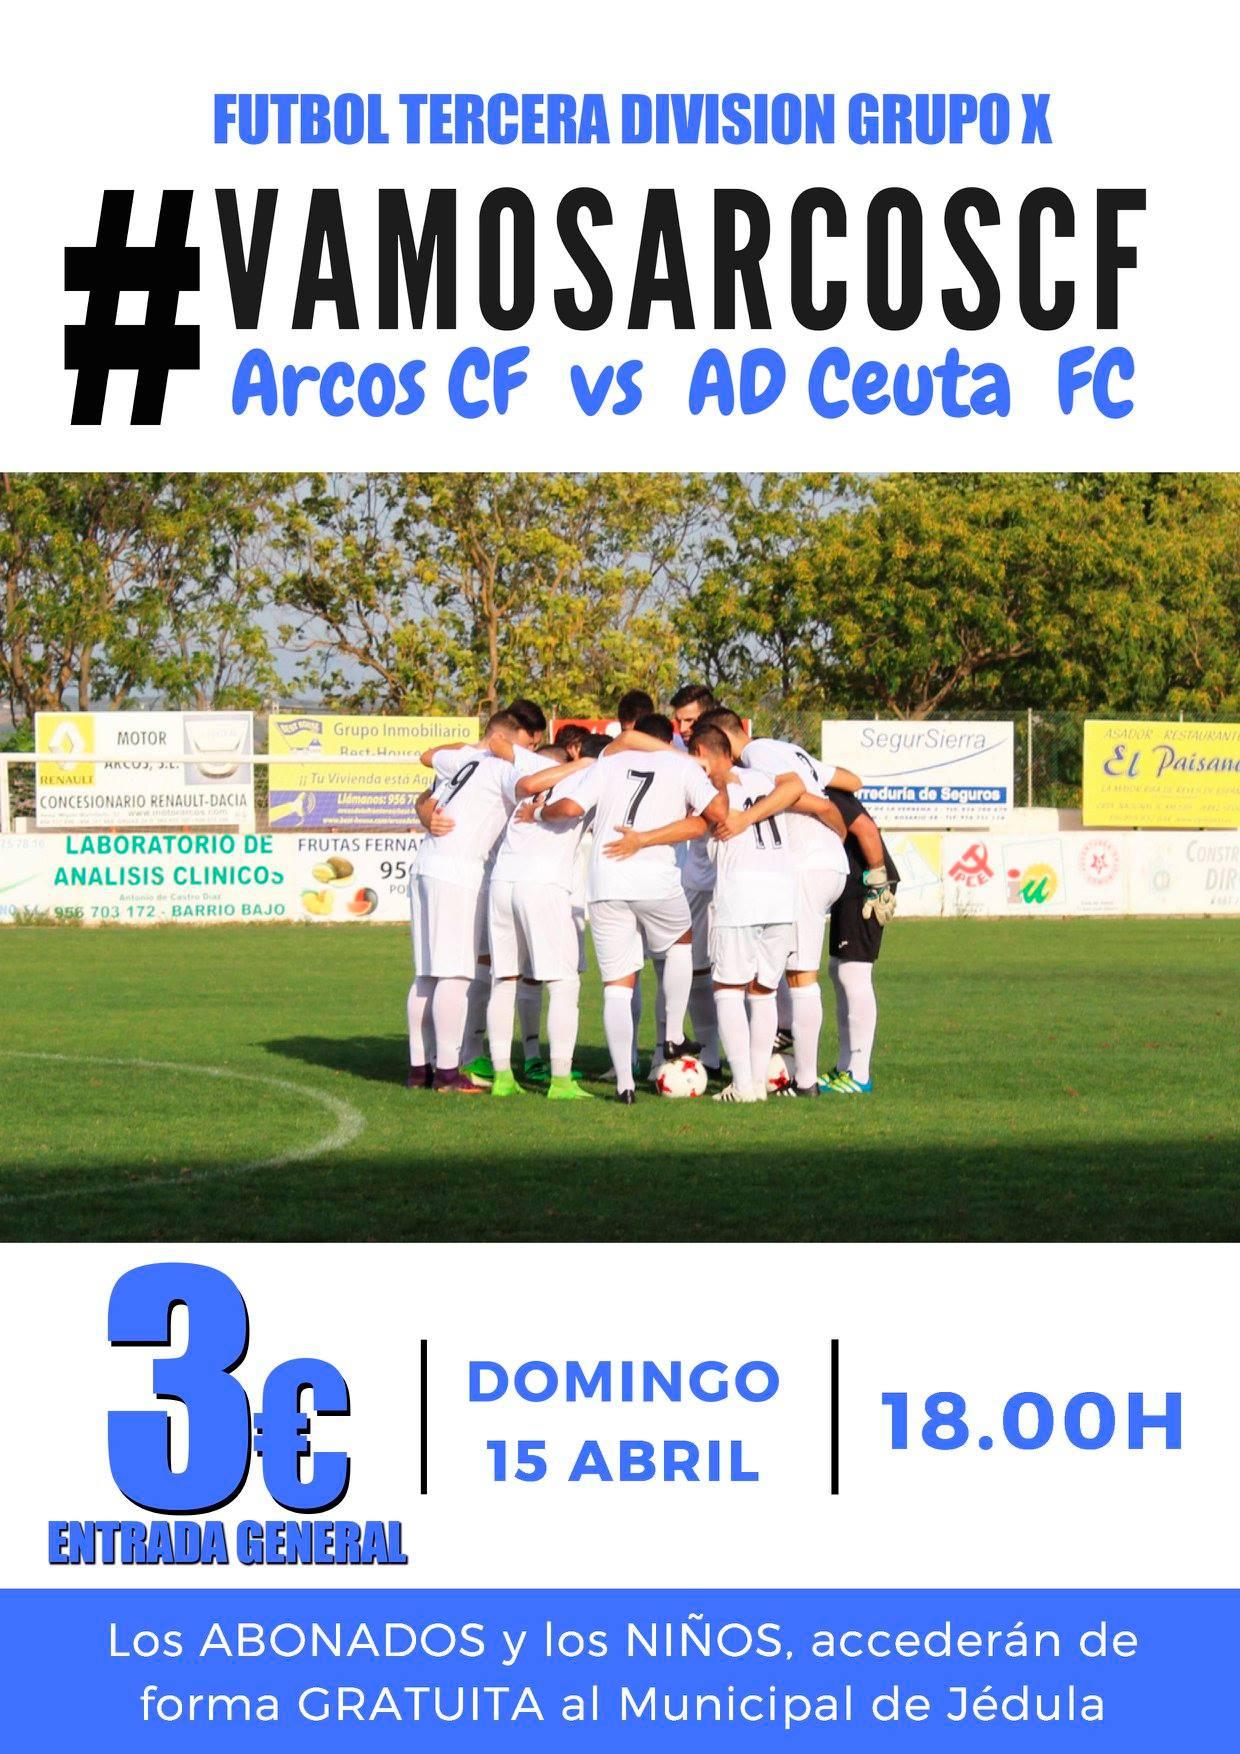 Jornada 34 de Tercera División Grupo X. Arcos CF vs AD Ceuta FC